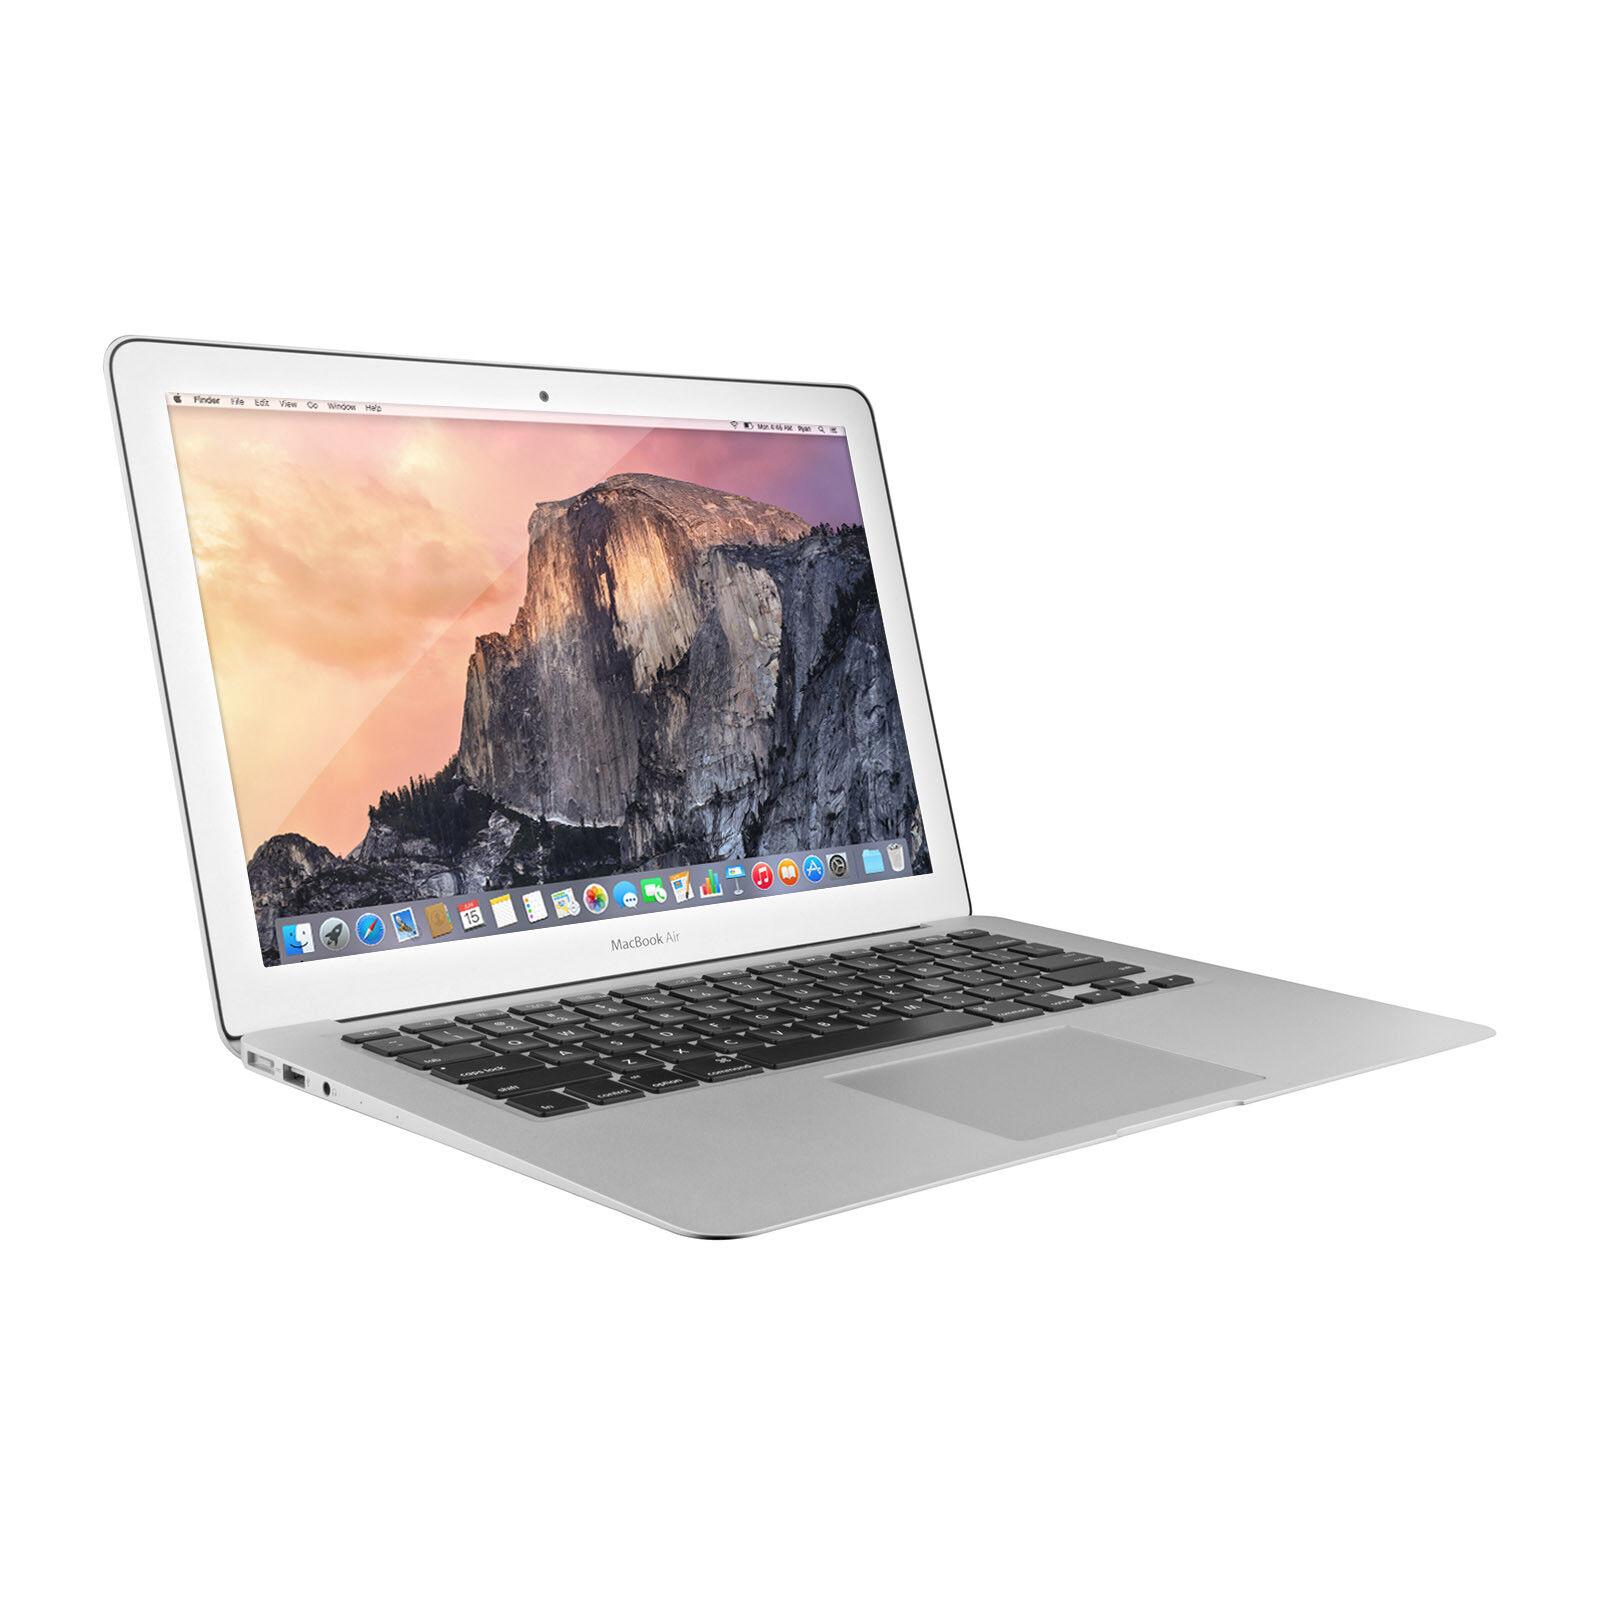 Apple MacBook Air 13.3 1.6 GHz Core i5 4GB RAM 128GB SSD MJVE2LL/A -2015